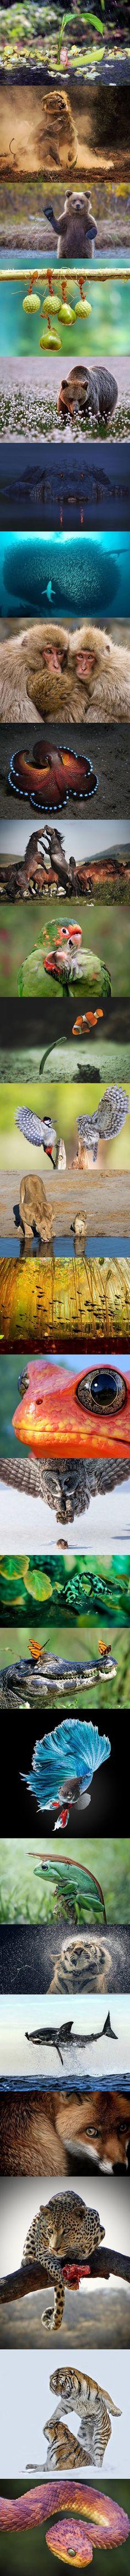 Algunas de las mejores fotografías de la naturaleza